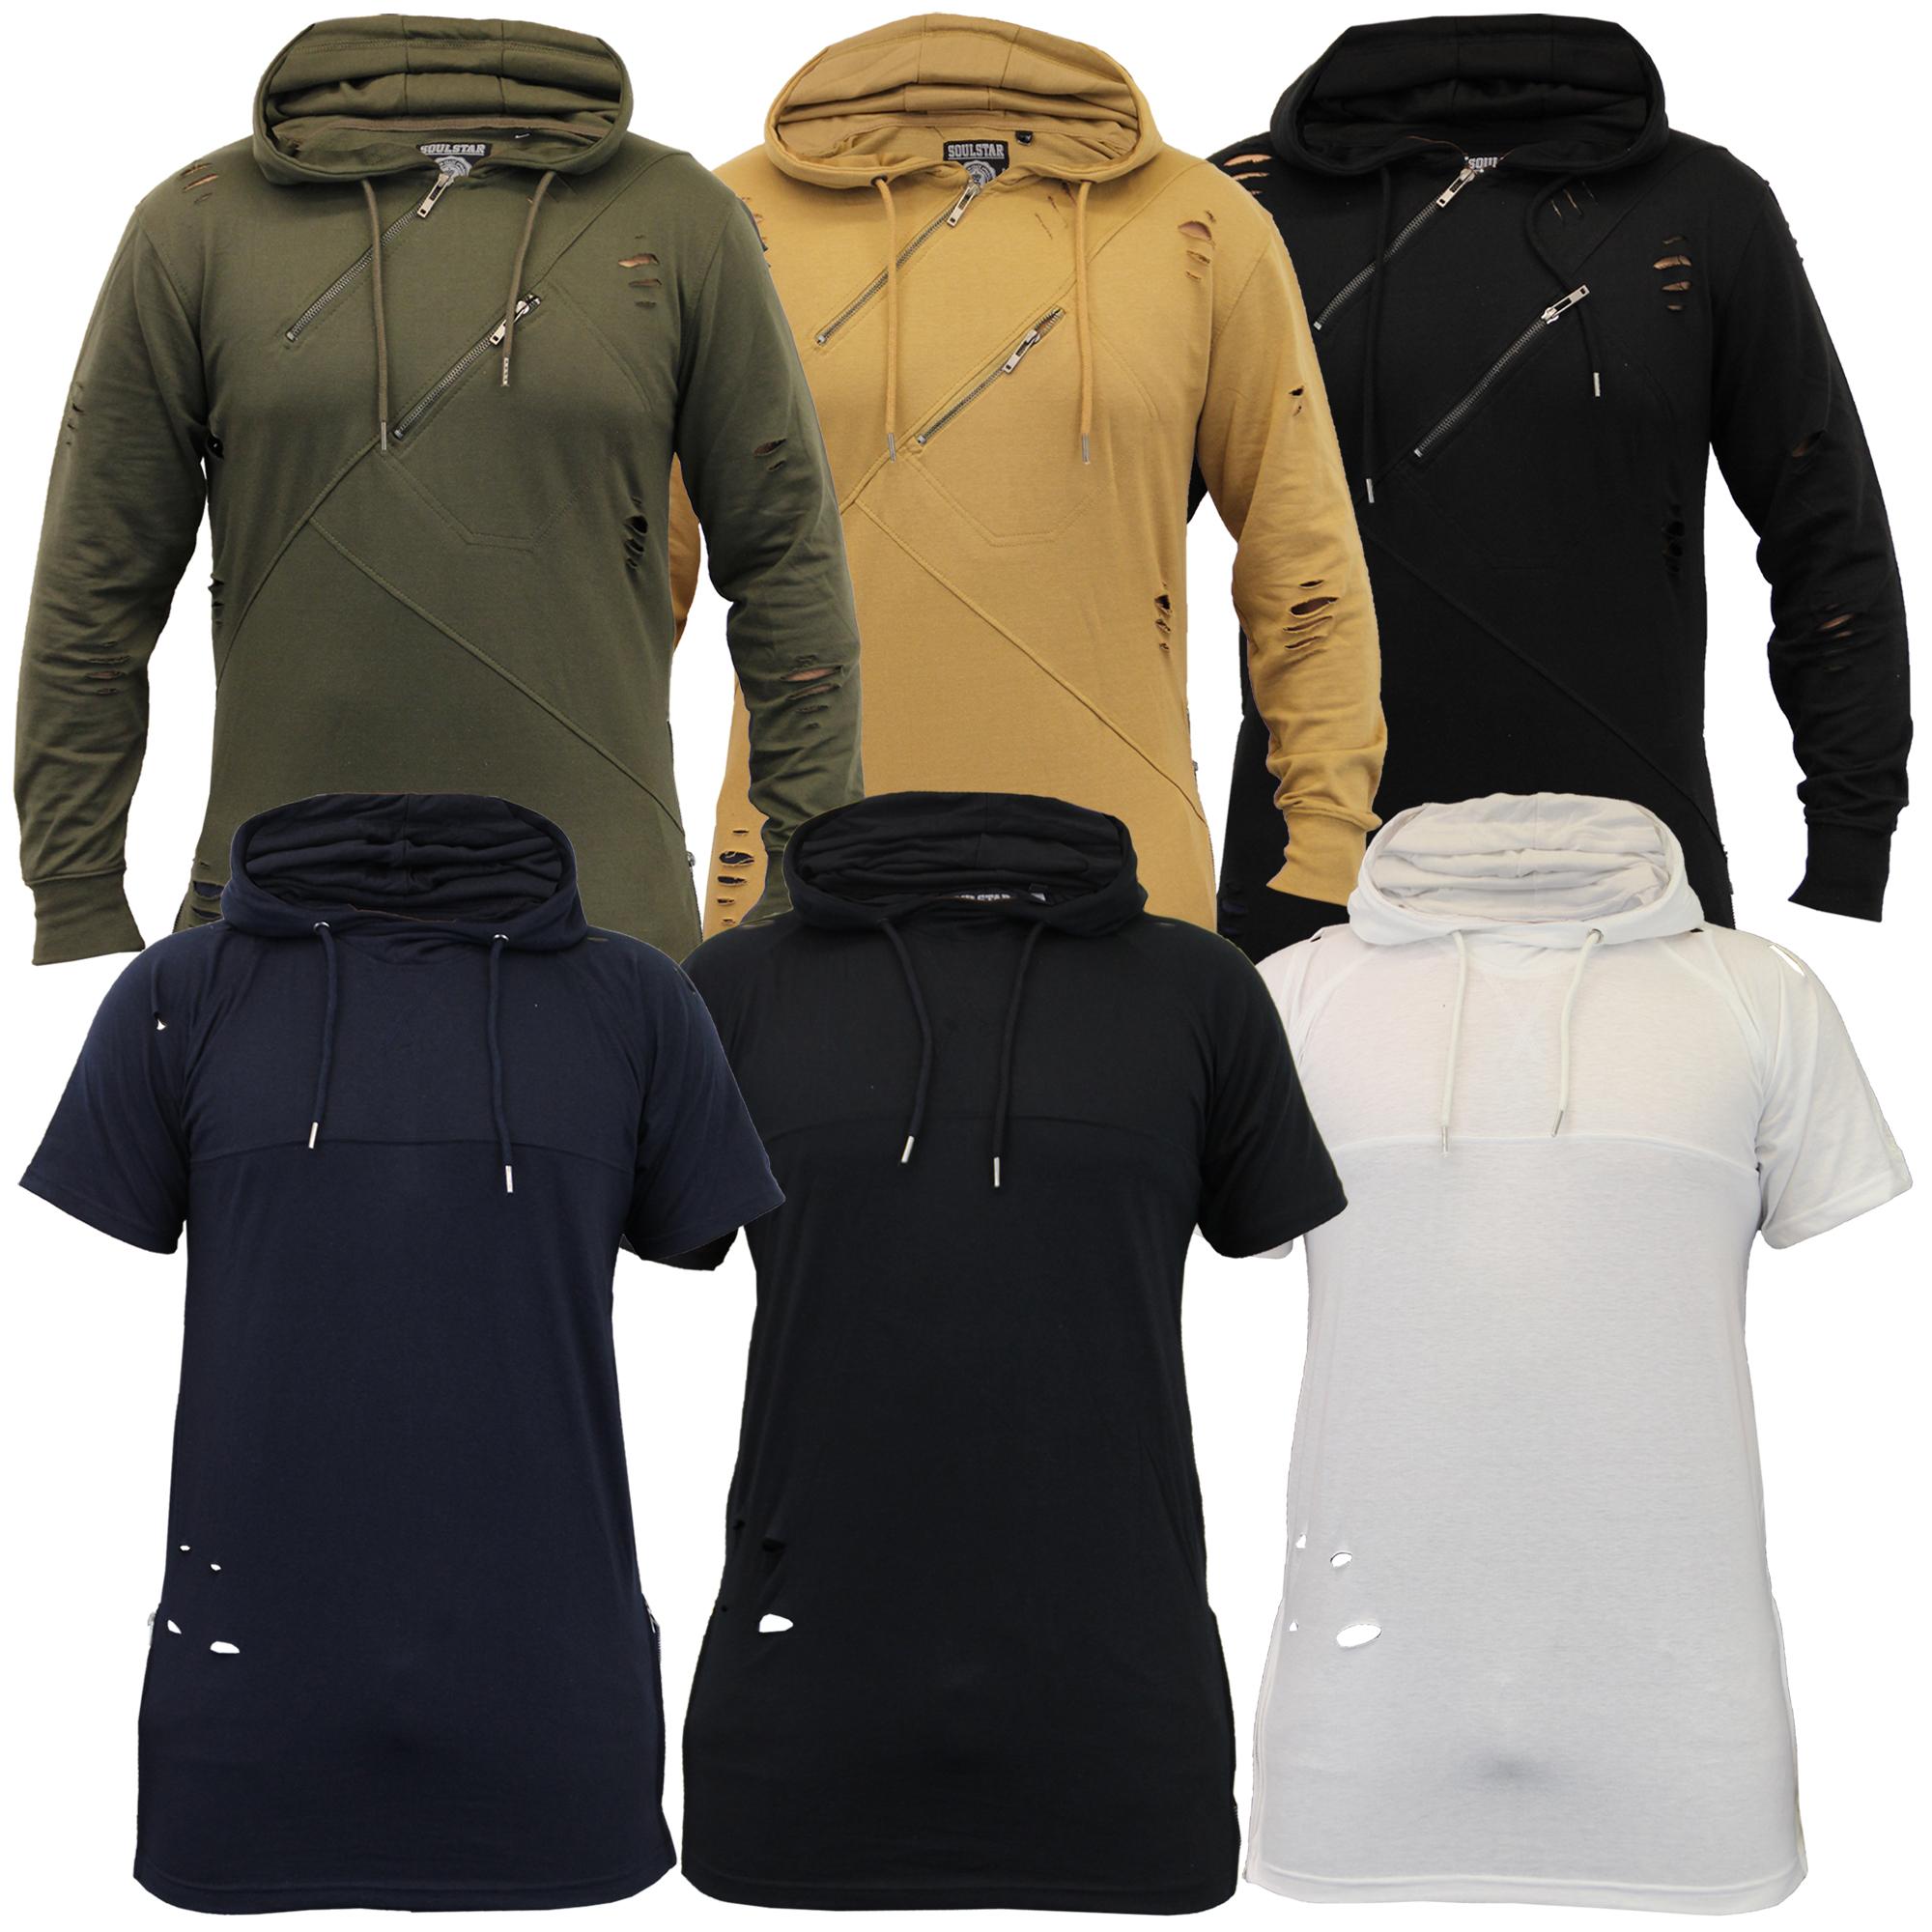 nuovo arrivo d3b7b 9a045 Dettagli su Uomo Strappato Felpa Soul Star Modello lungo con Cappuccio  Maglione T Shirt